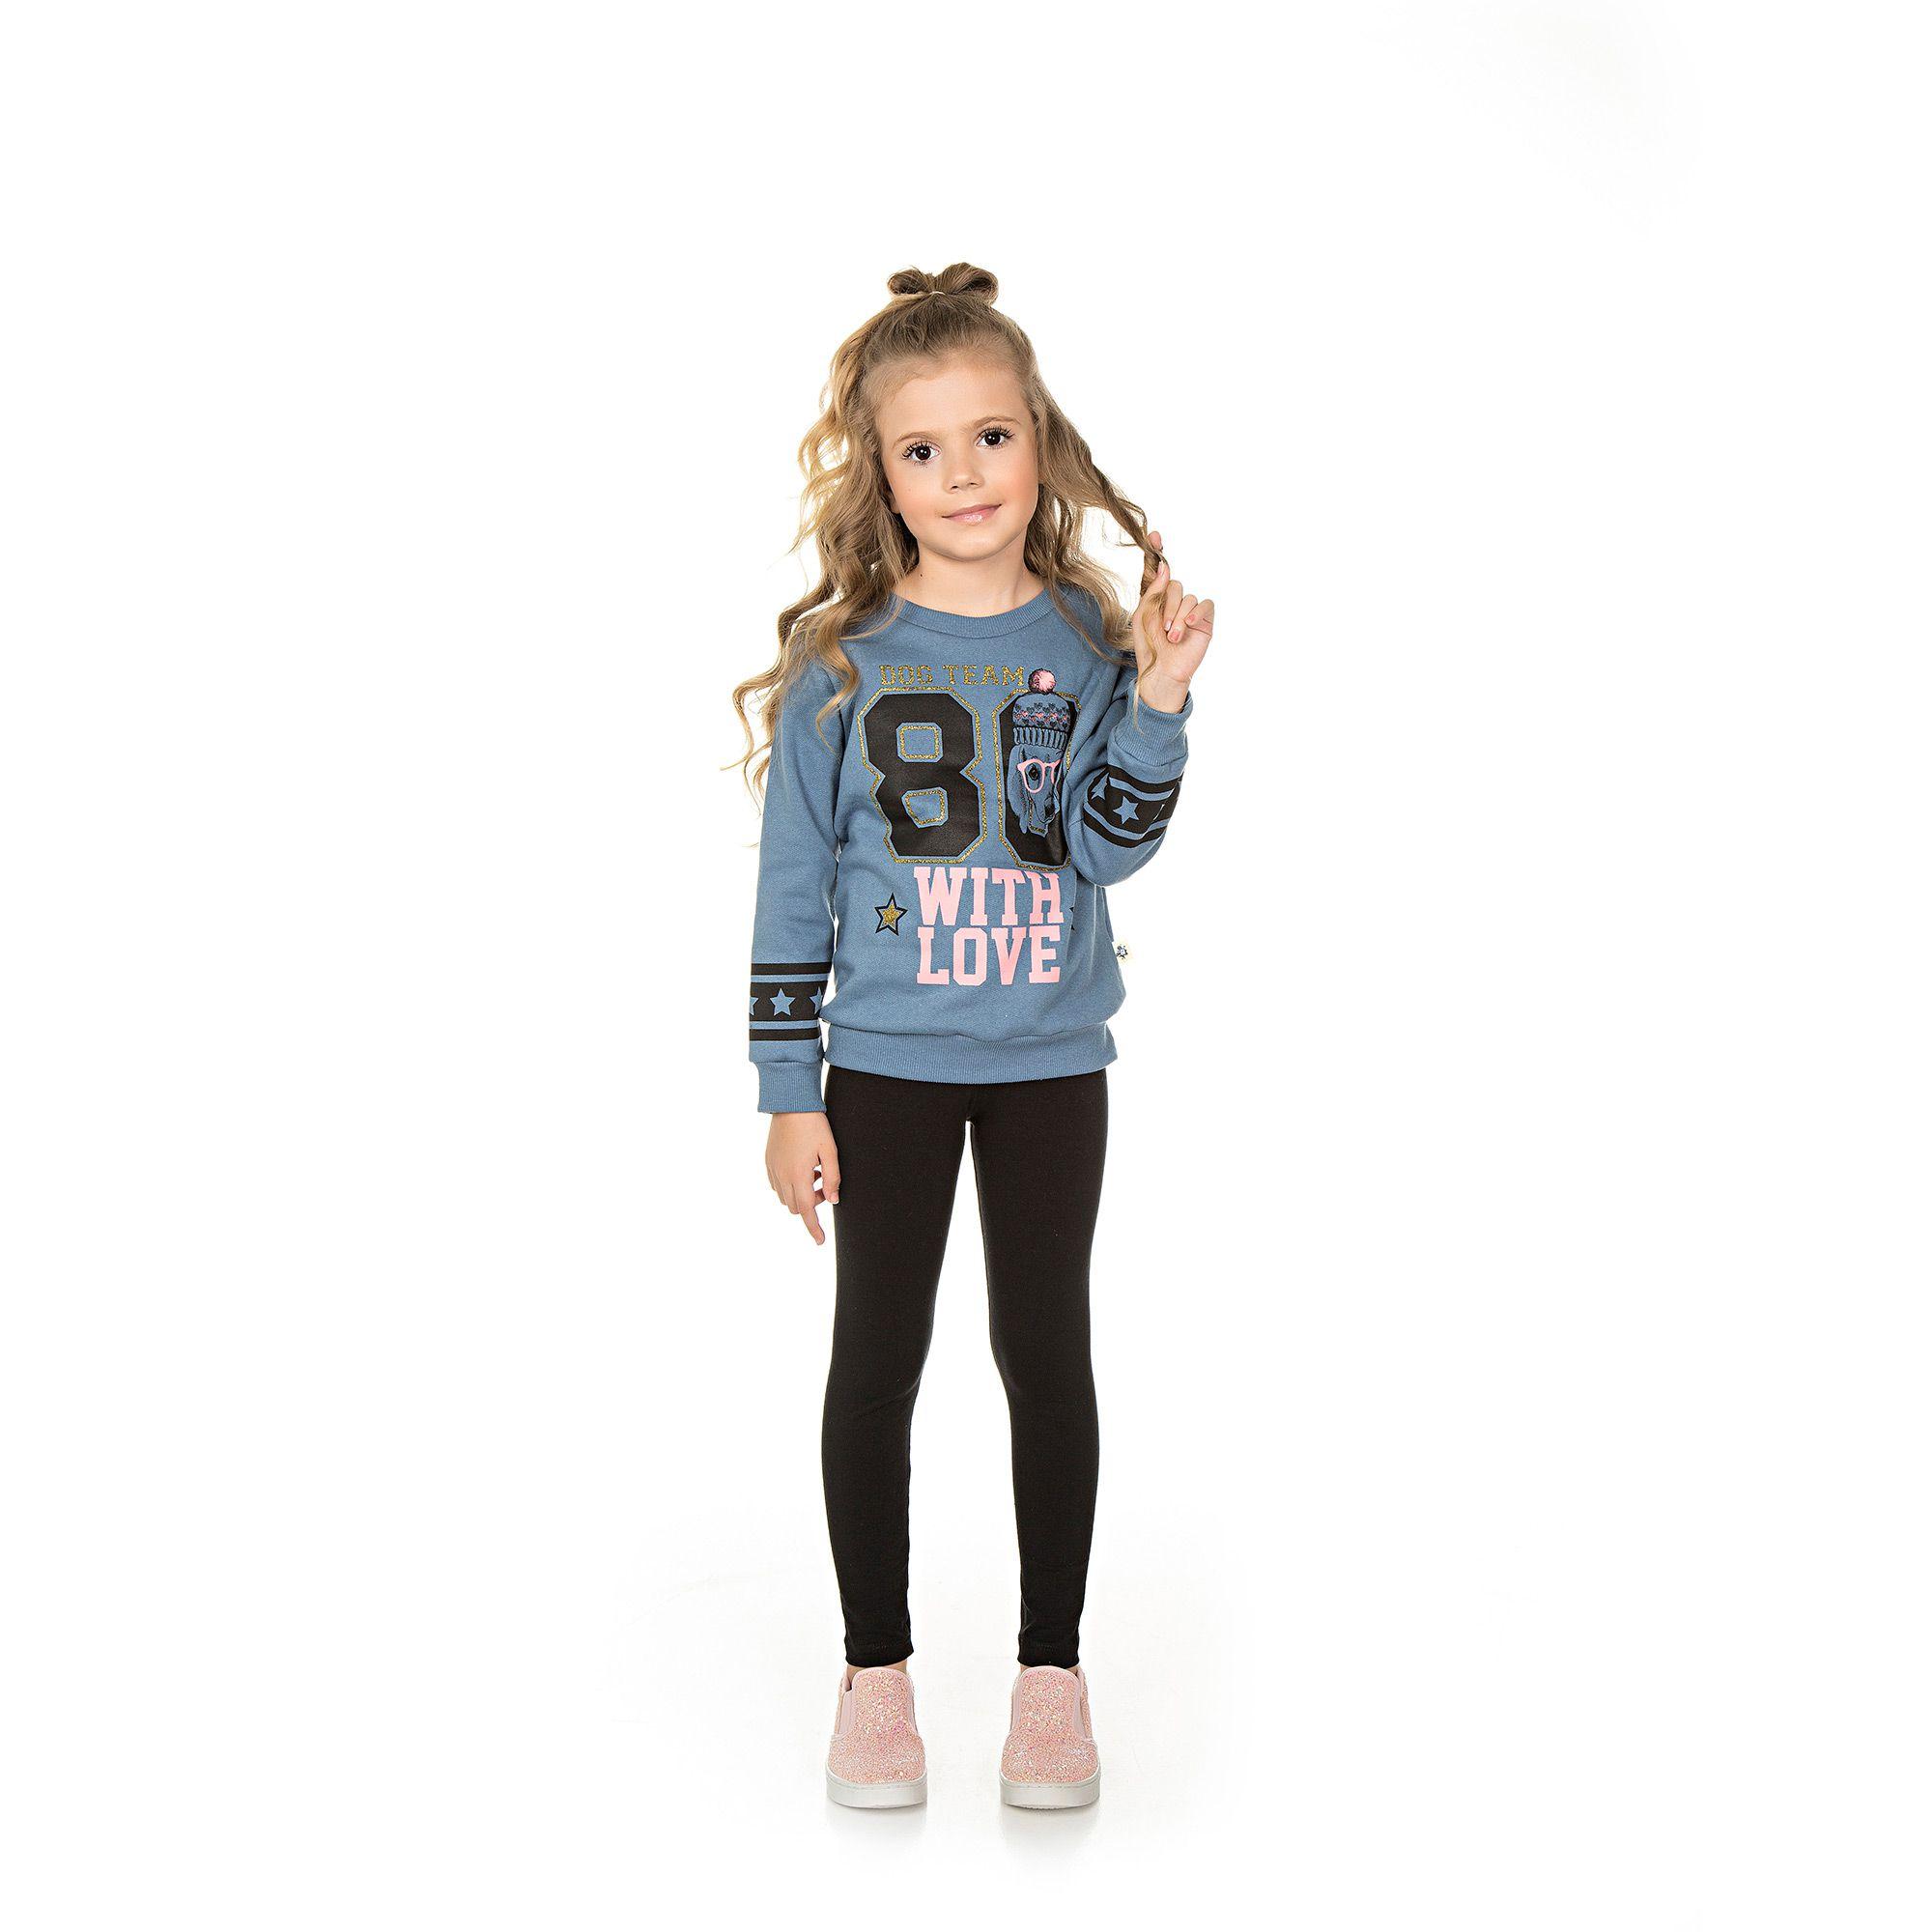 Conjunto Infantil Casaco e Legging - Ref 4988 - Diadema/Preto